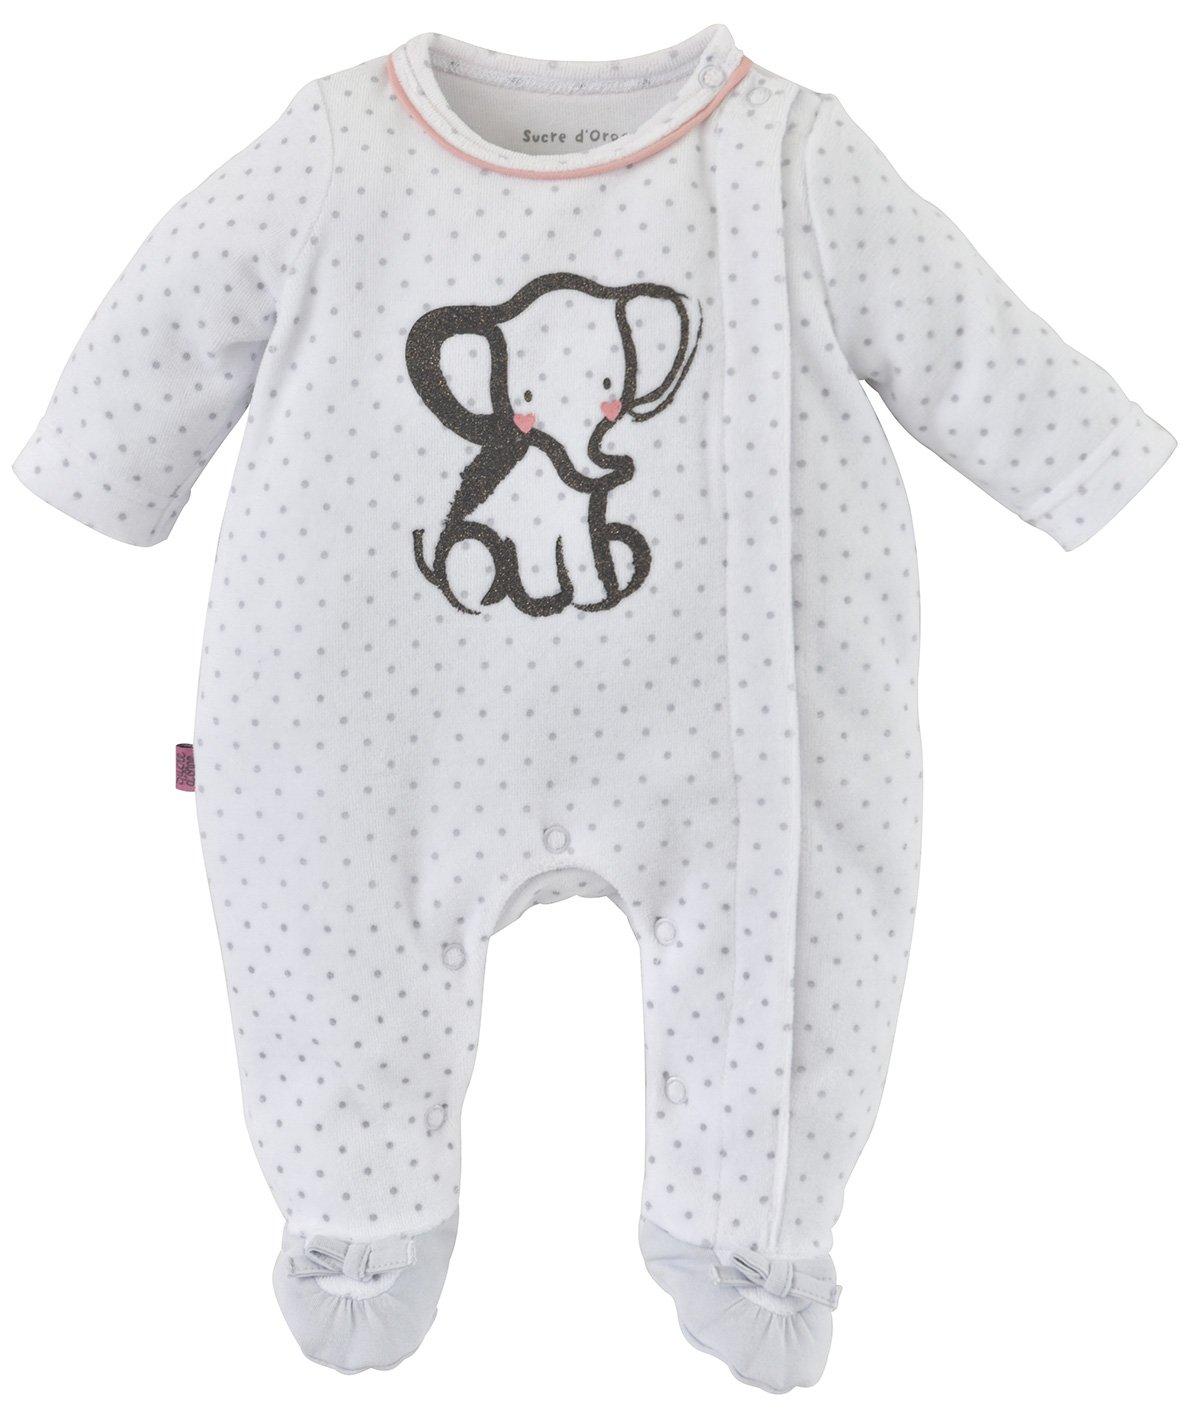 Sucre D'Orge - sleepwear - Fé minin - 1 - pyjama bebe fille naissance - Taille 0 mois - Couleur Gris Sucre D' Orge